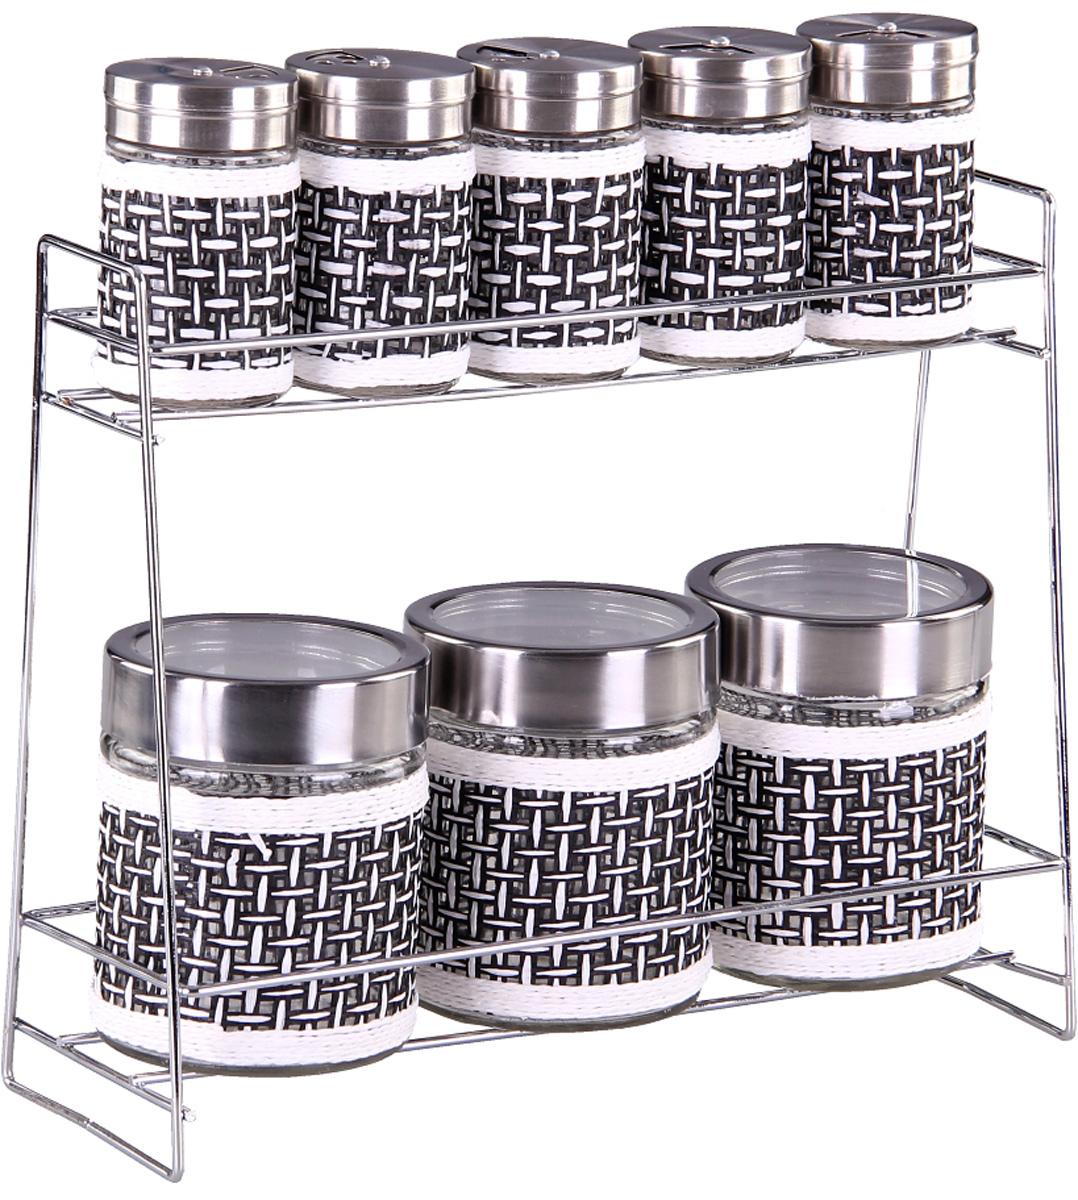 Набор банок для сыпучих продуктов и специй Patricia, с подставкой, 9 предметов. IM99-3926VT-1520(SR)Набор Patricia состоит из 5 банок для специй и 3 для сыпучих продуктов. Банки выполнены из высококачественного стекла и декорированы оригинальной вставкой. Крышки, выполненные из металла, плотно закрываются и предотвращают высыпание специй. Имеются регулируемые отверстия, с помощью которых можно обильно или слегка приправить блюдо. Баночки идеально подойдут для соли, перца и других специй. Изделия размещаются на специальной подставке. Оригинальный набор эффектно украсит интерьер кухни, а также станет незаменимым помощником в приготовлении ваших любимых блюд. С таким набором специи надолго сохранят свежесть, аромат и пряный вкус. Не рекомендуется мыть в посудомоечной машине и использовать в микроволновой печи. Высота баночек (с учетом крышек): 8,5 см, 10,5 см. Диаметр баночек: 3,5 см, 7 см. Размер подставки: 28 х 10 х 23 см.